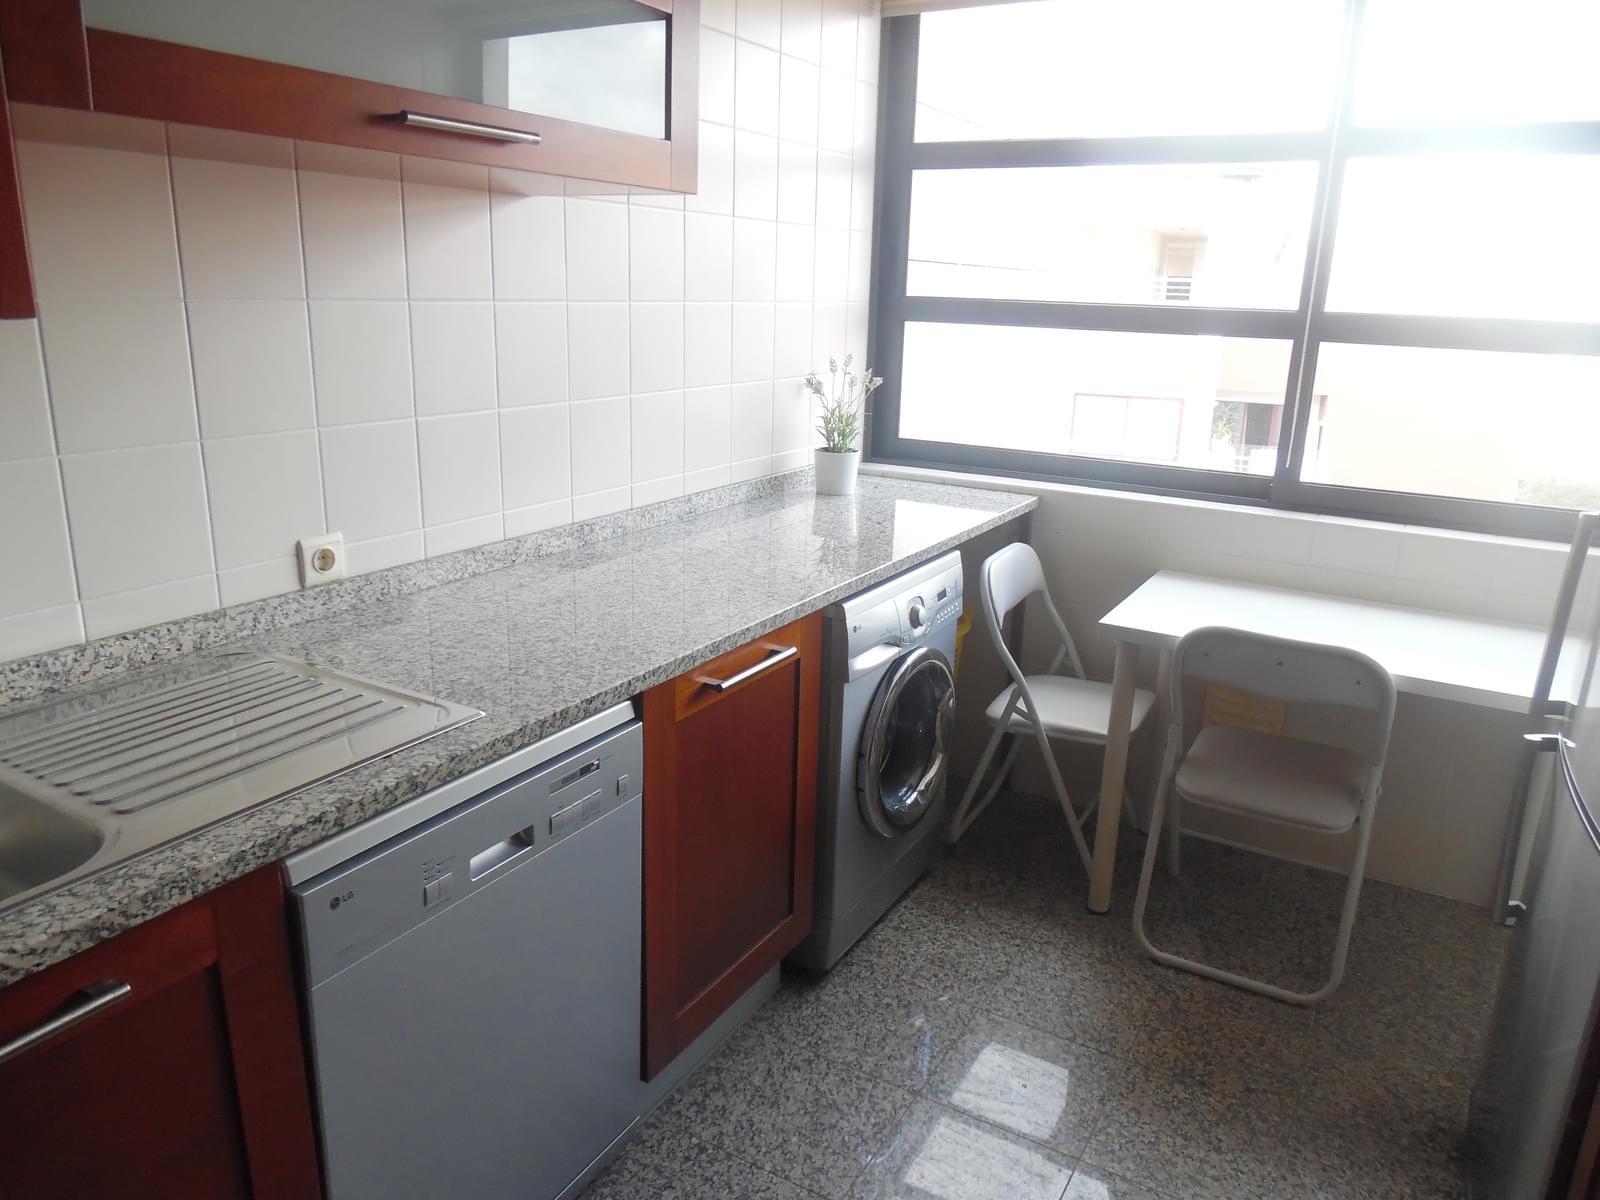 pf18329-apartamento-t1-lisboa-930f0aa9-56d9-4df6-809f-d45bdbfc9a5c